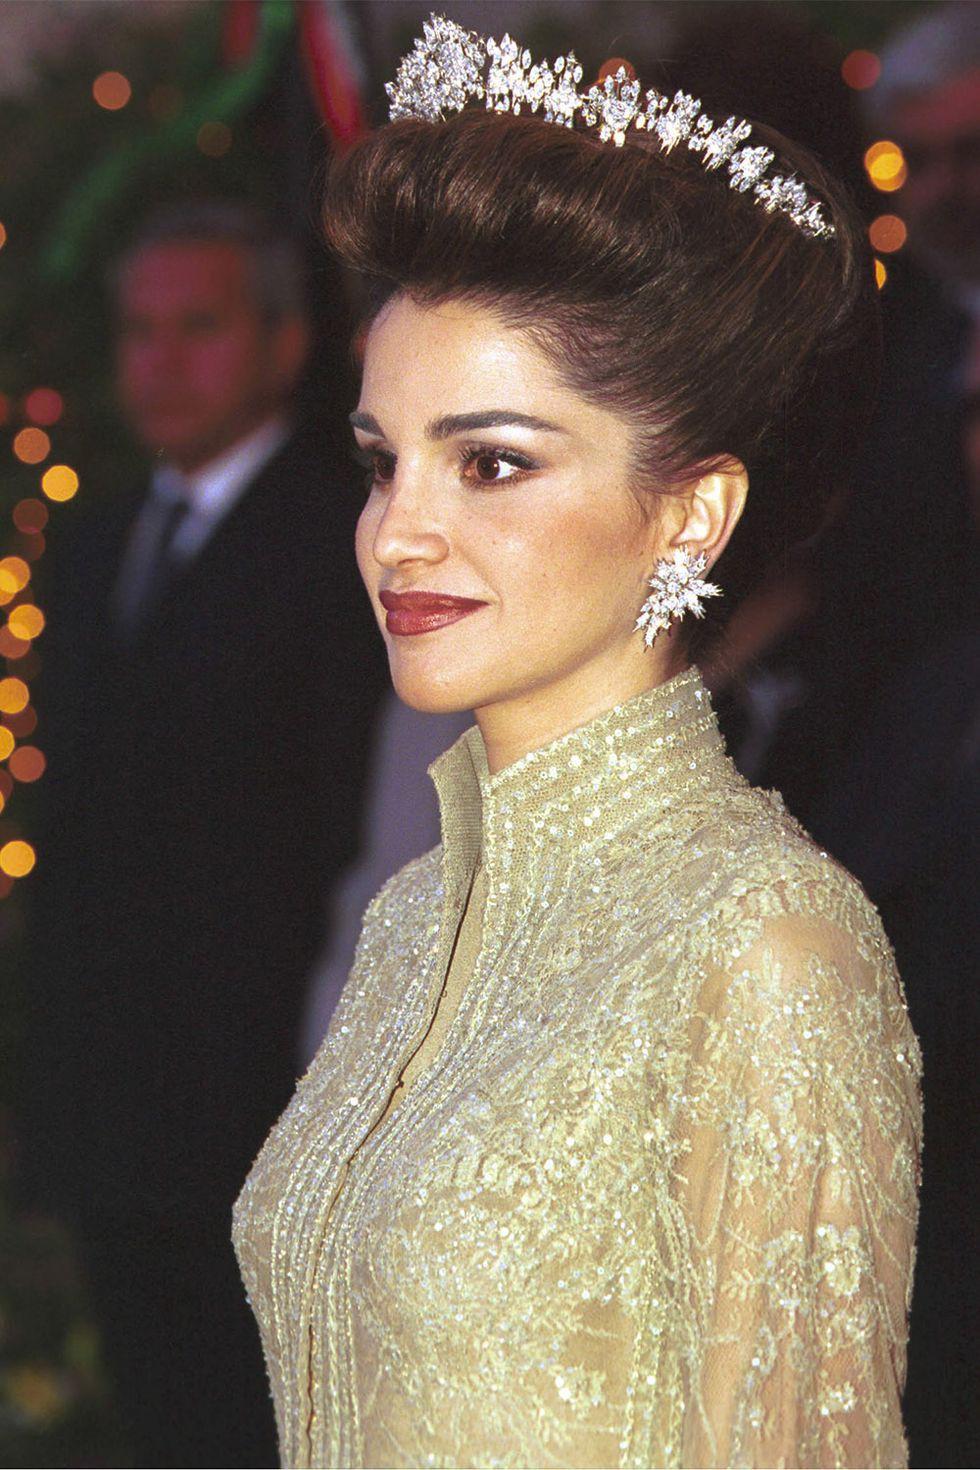 15 kiểu tóc ấn tượng của các người đẹp Hoàng gia: kiểu nào cũng hoàn hảo tựa như một tuyệt phẩm - Ảnh 9.